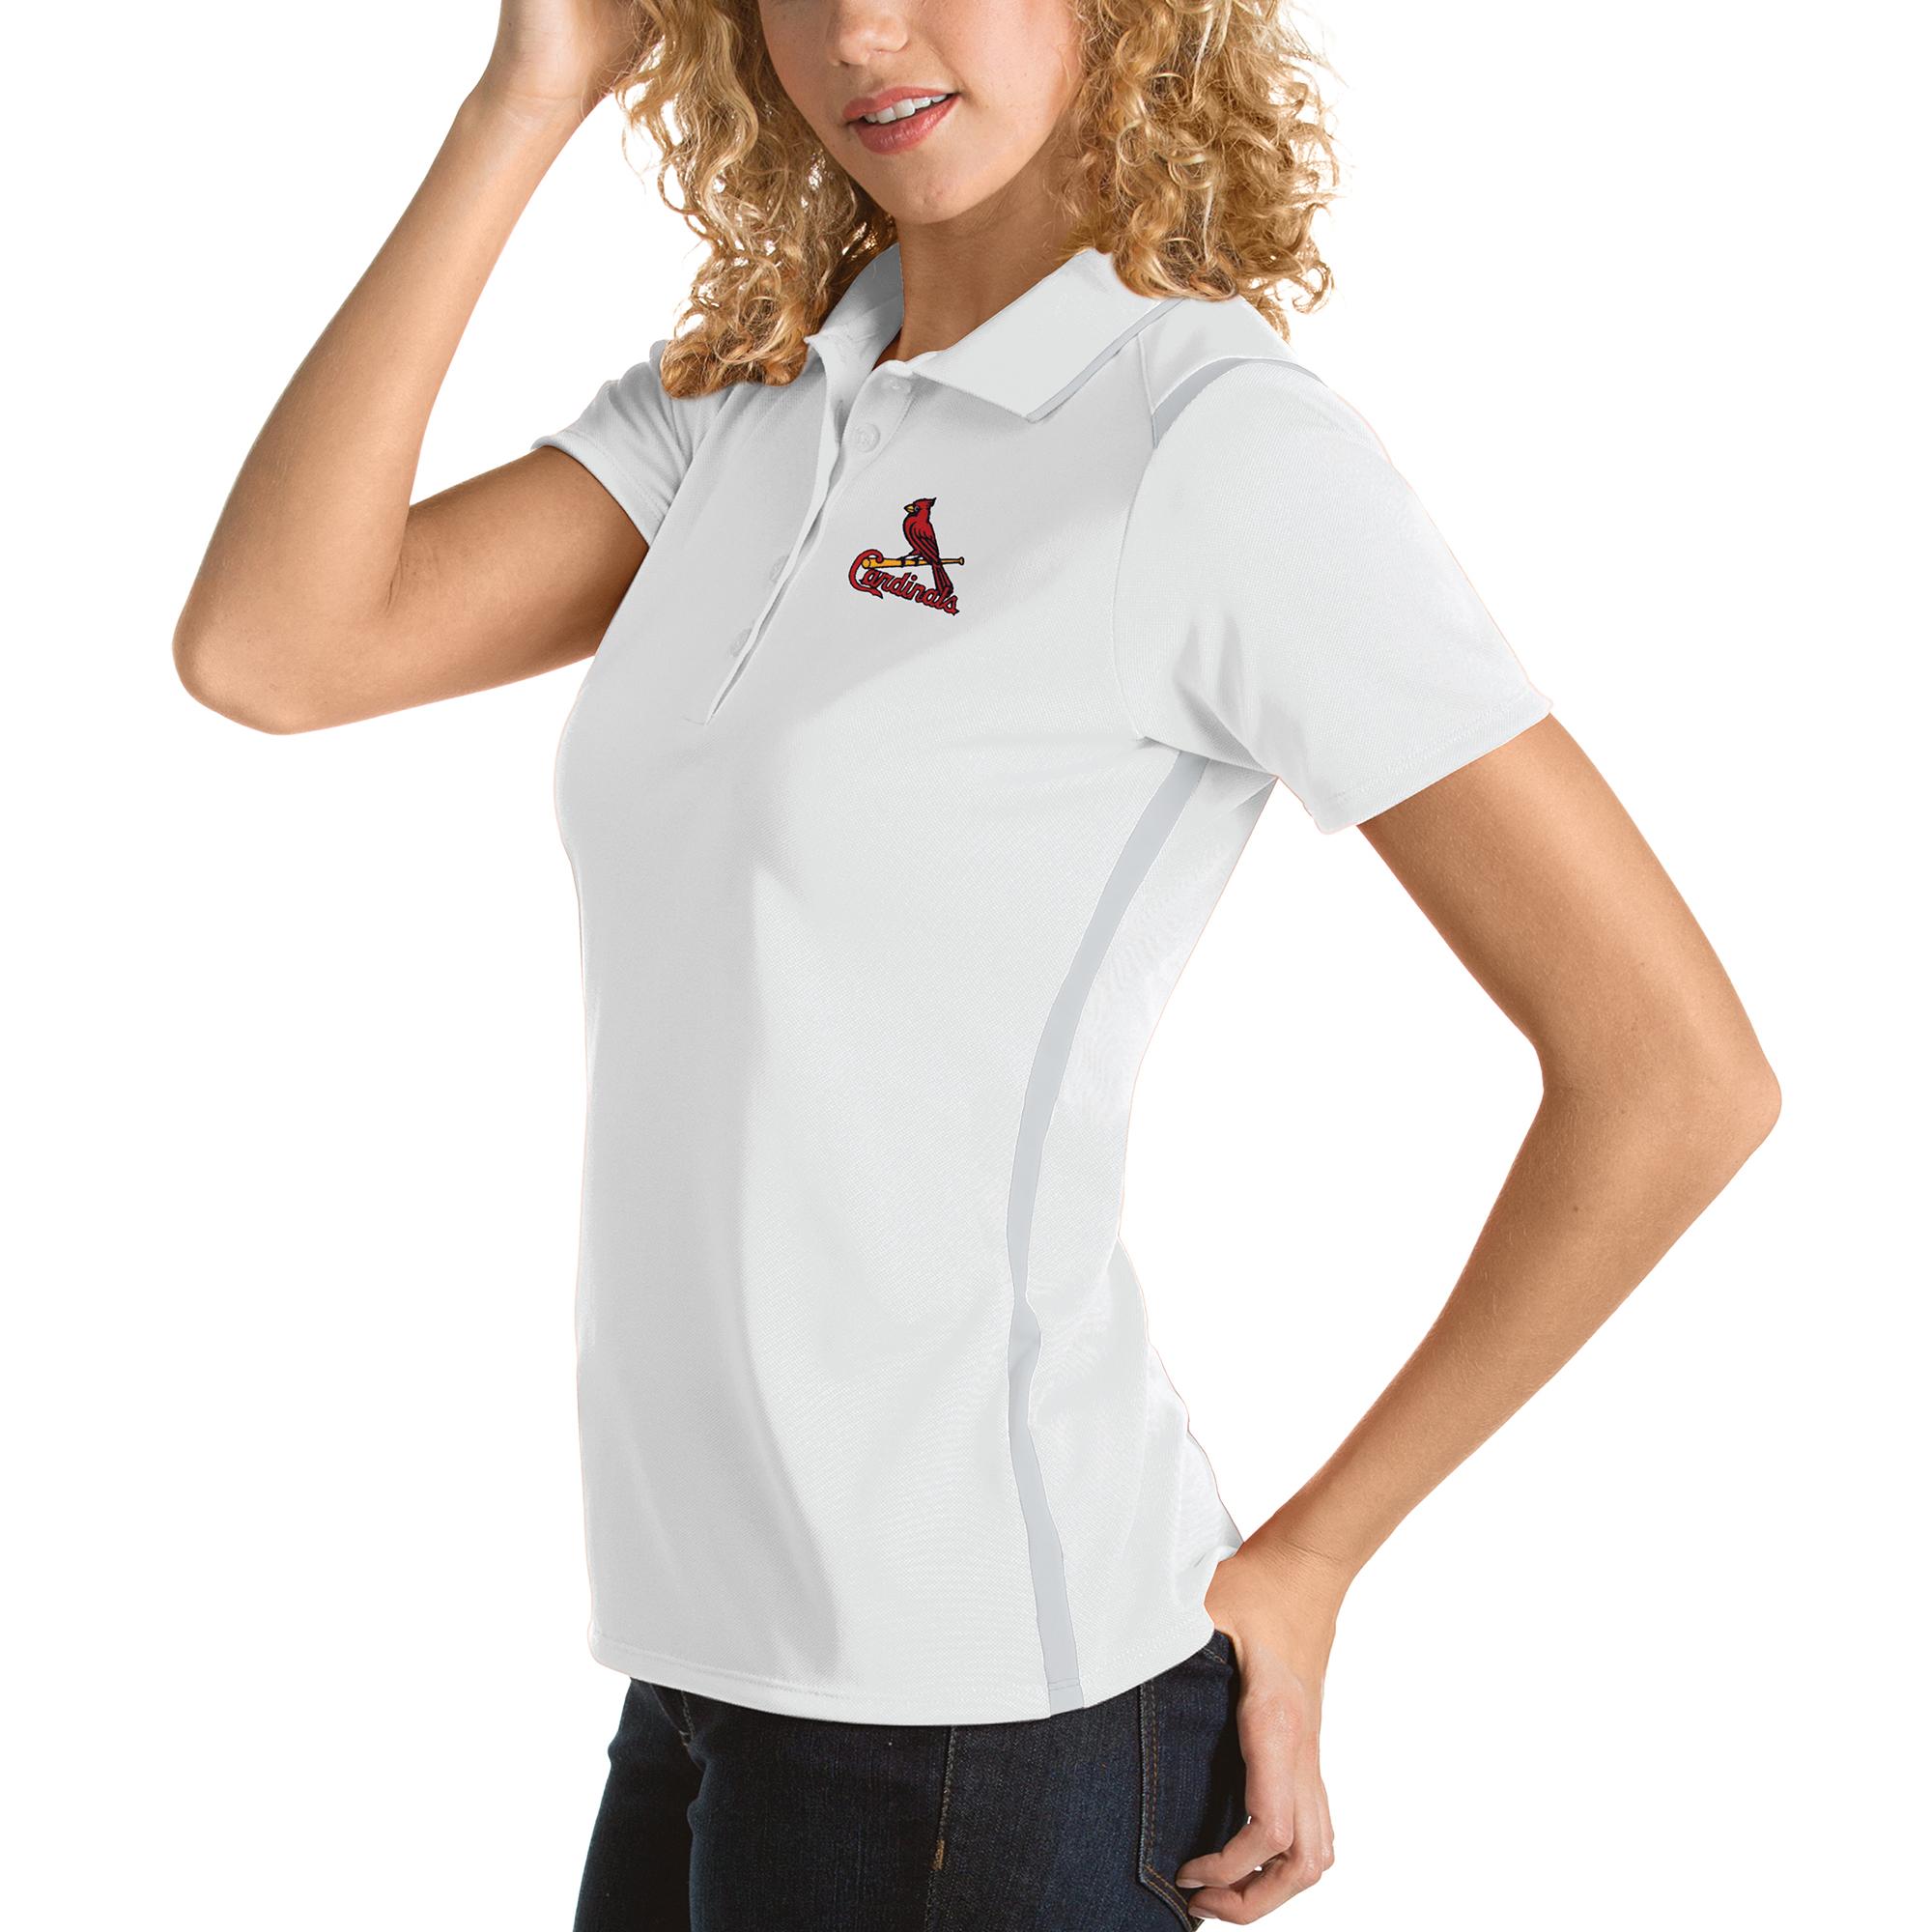 St. Louis Cardinals Antigua Women's Merit Polo - White